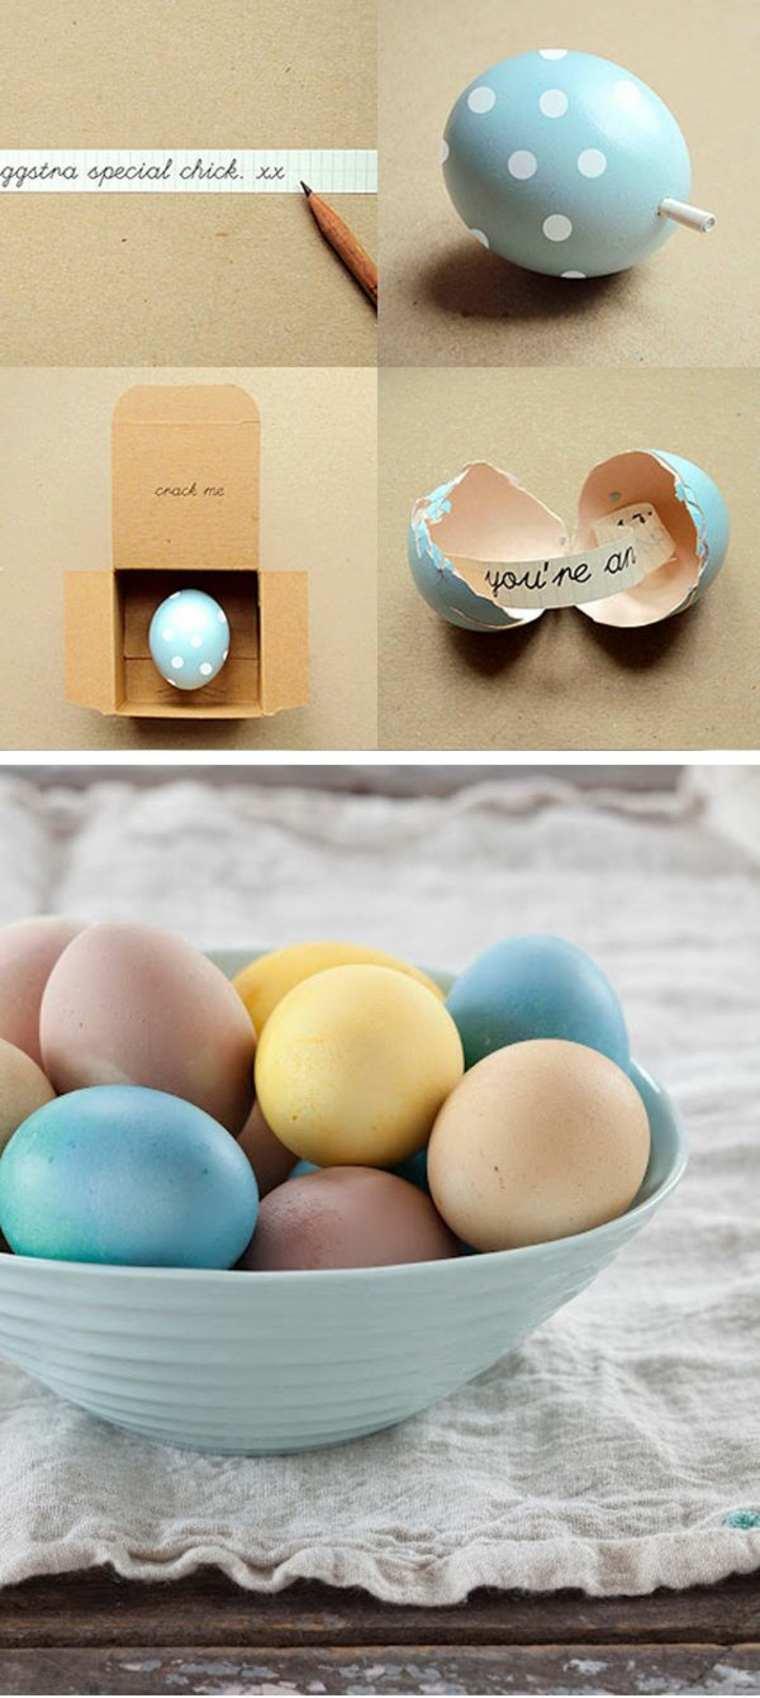 activité manuelle pour Pâques idee interessante